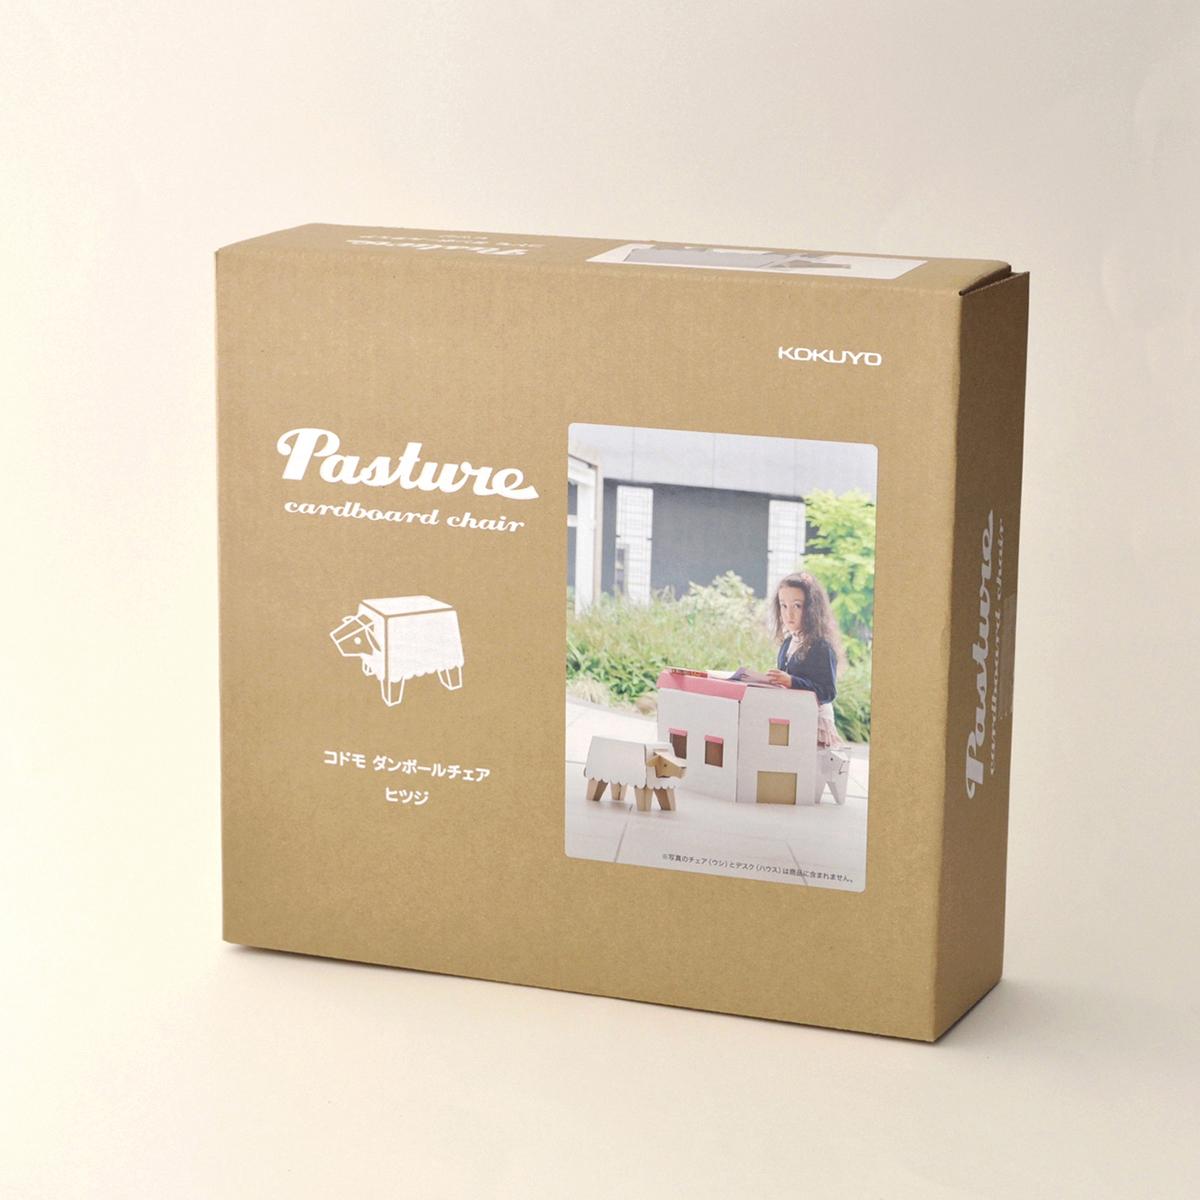 コクヨ Pasture コドモ ダンボールチェア ヒツジ KE-RED1